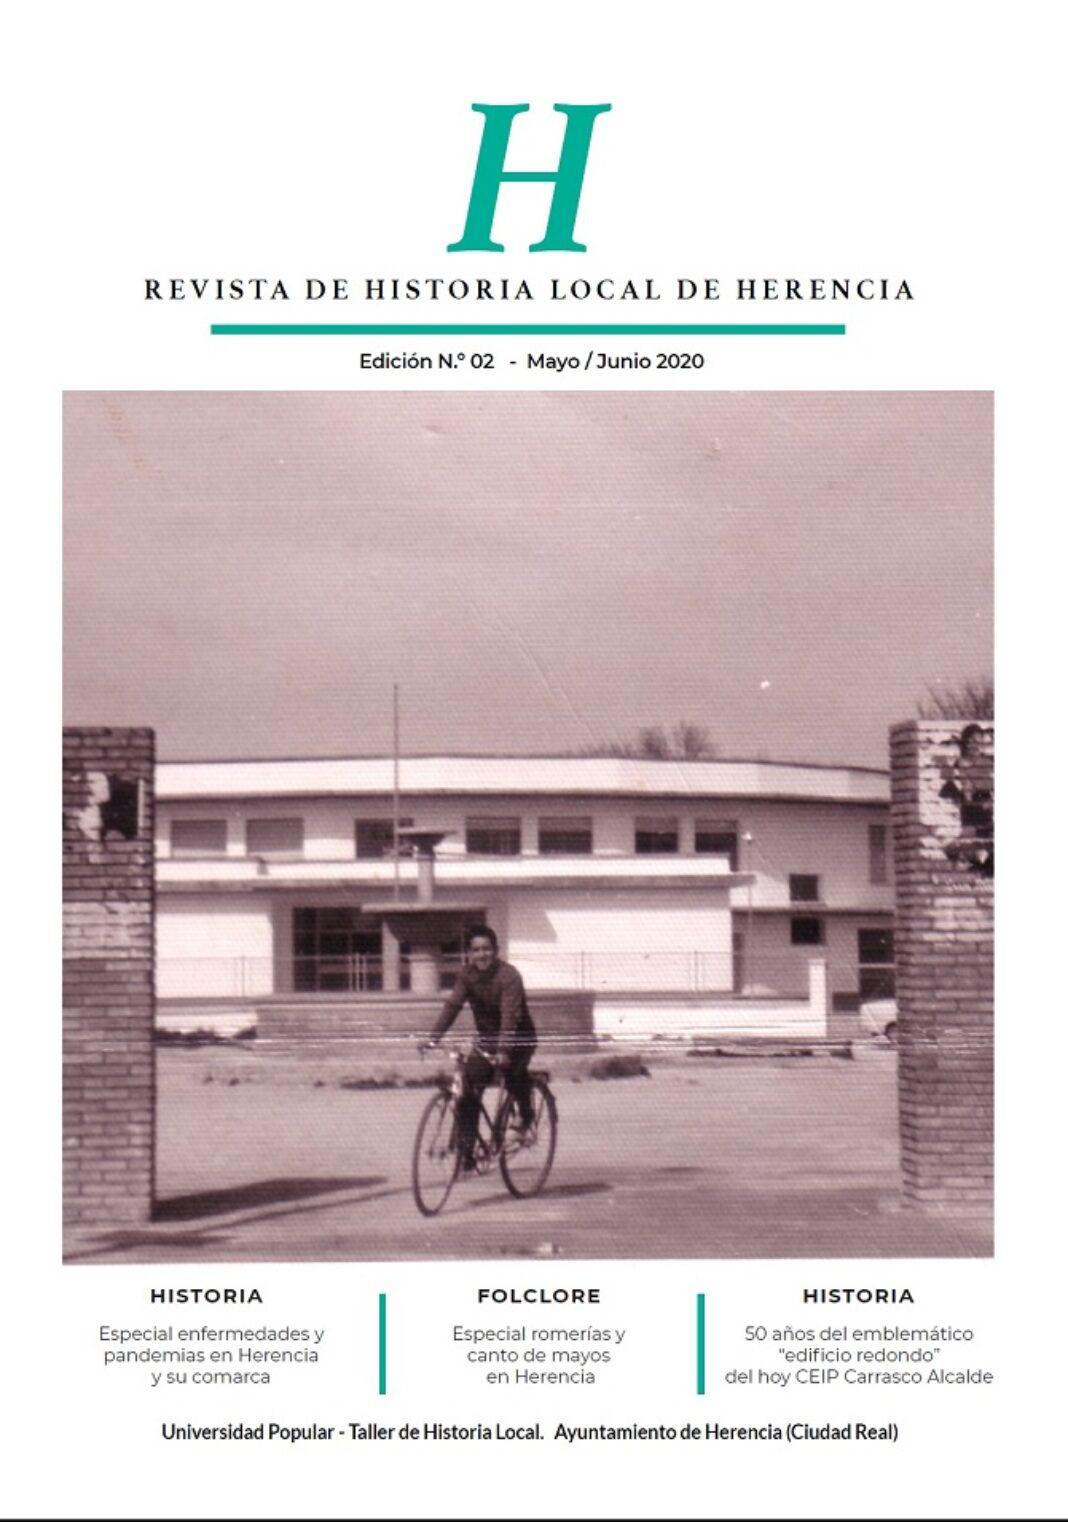 El Taller de Historia Local presenta el segundo número de su revista de historia 1